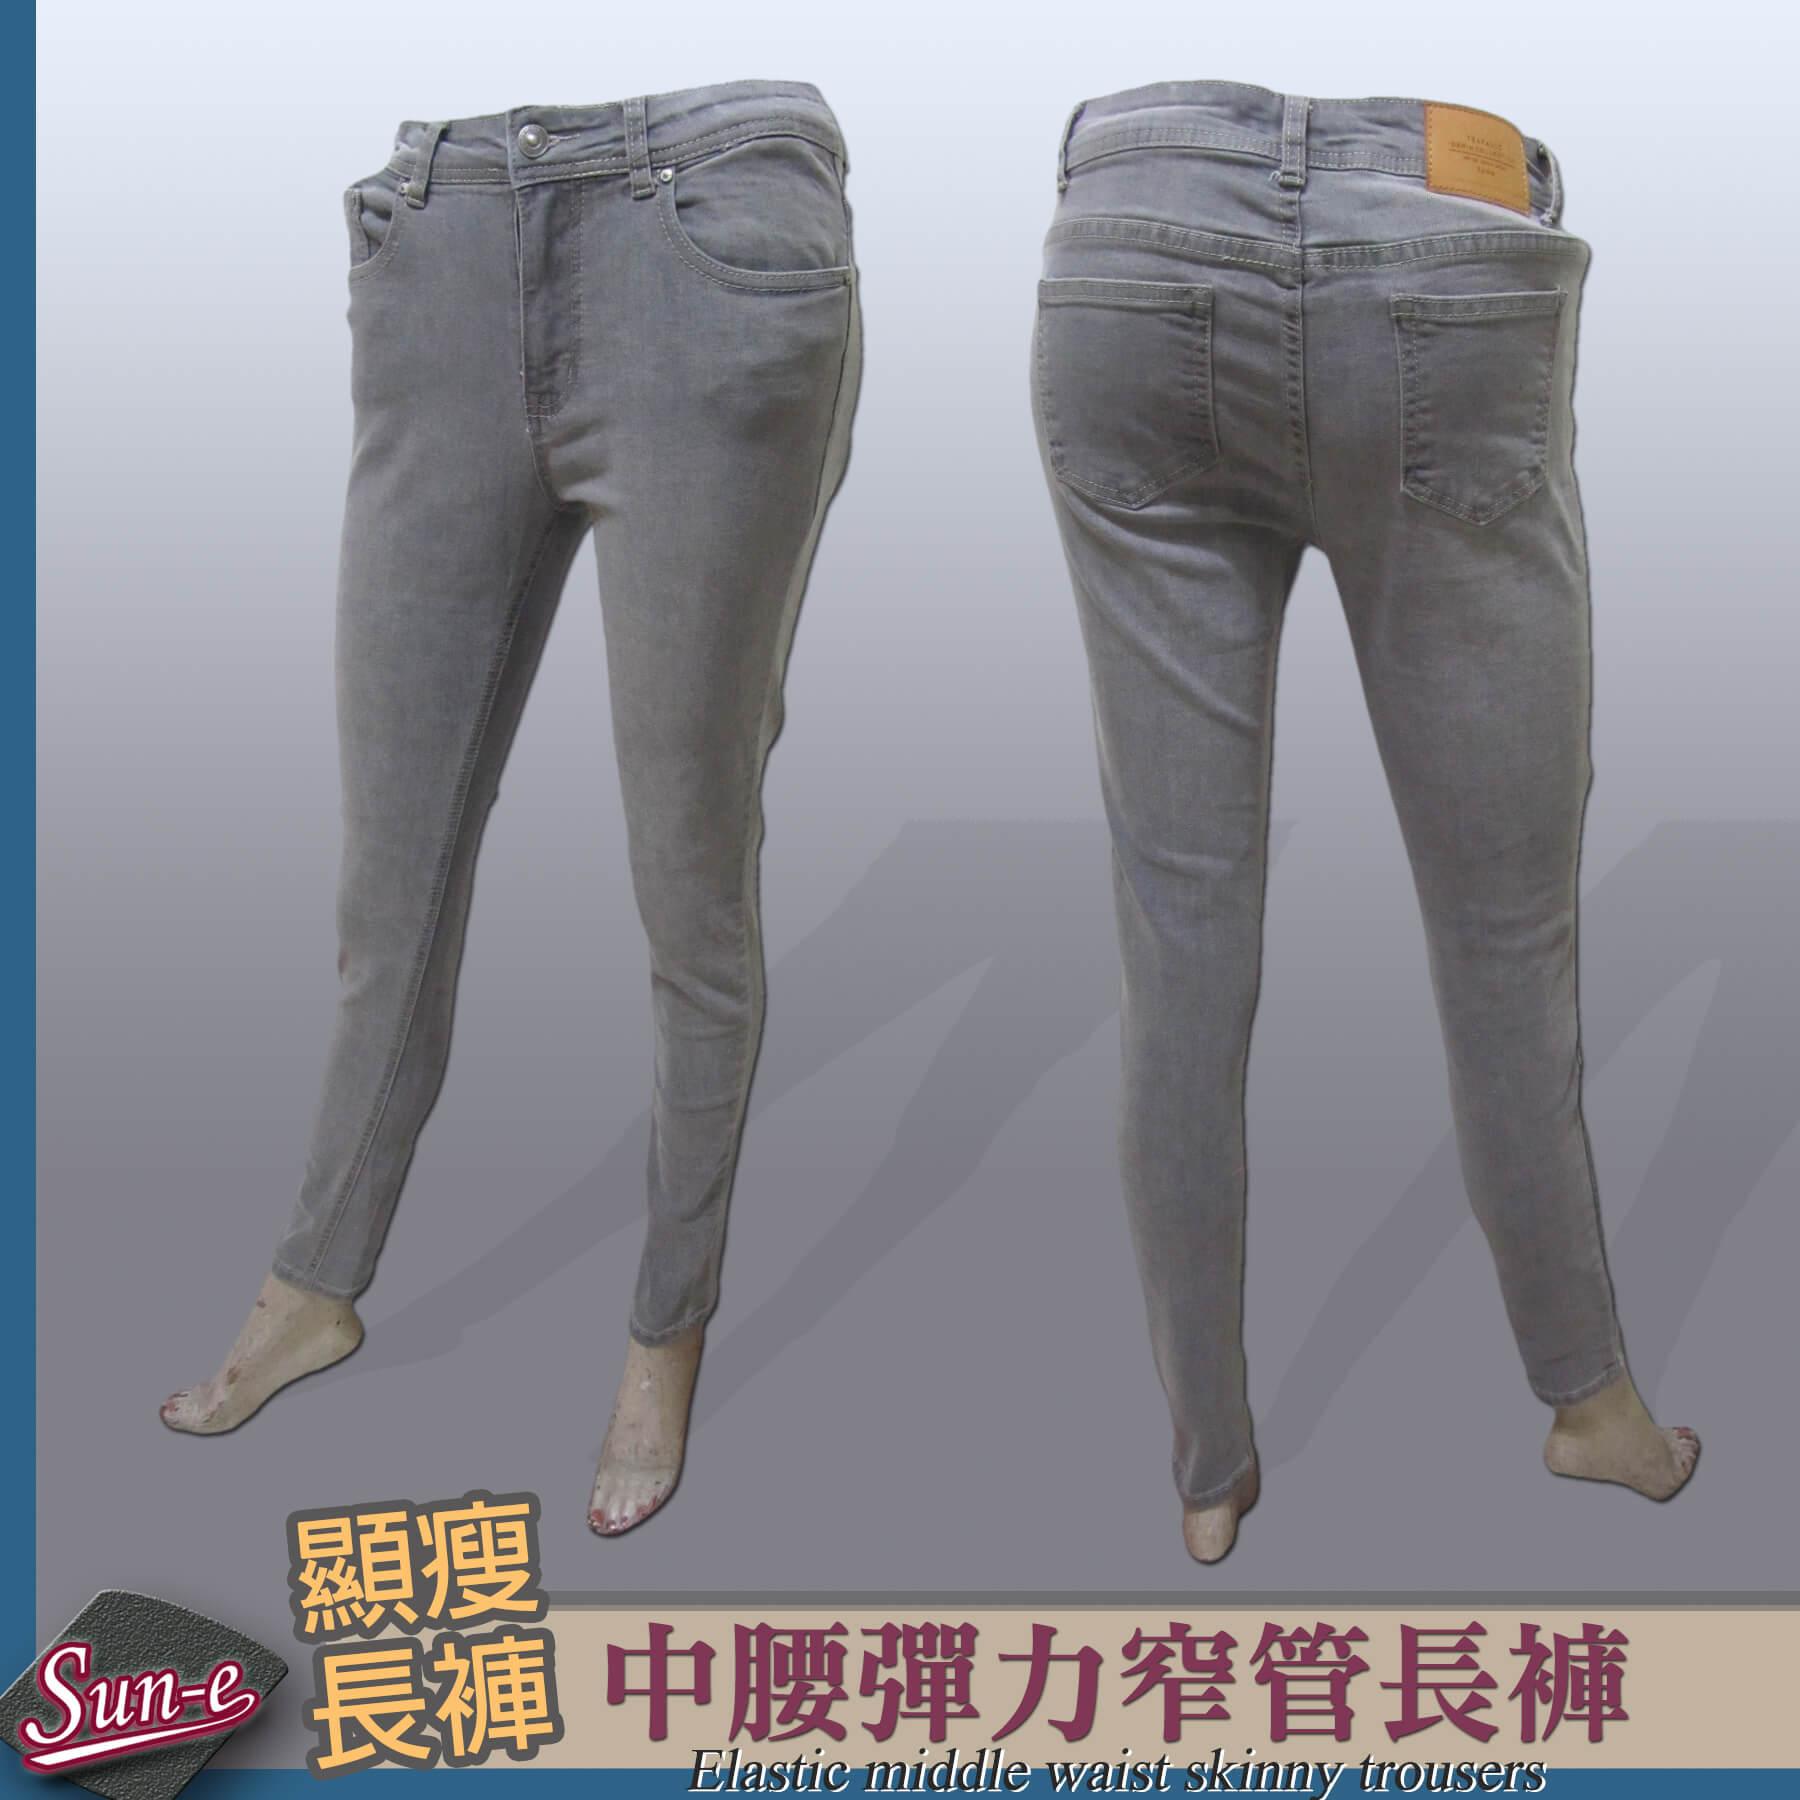 sun~e窄管長褲、中腰彈力長褲、顯瘦窄管褲、休閒長褲、丹寧長褲、牛仔長褲、腰圍有皮帶環^